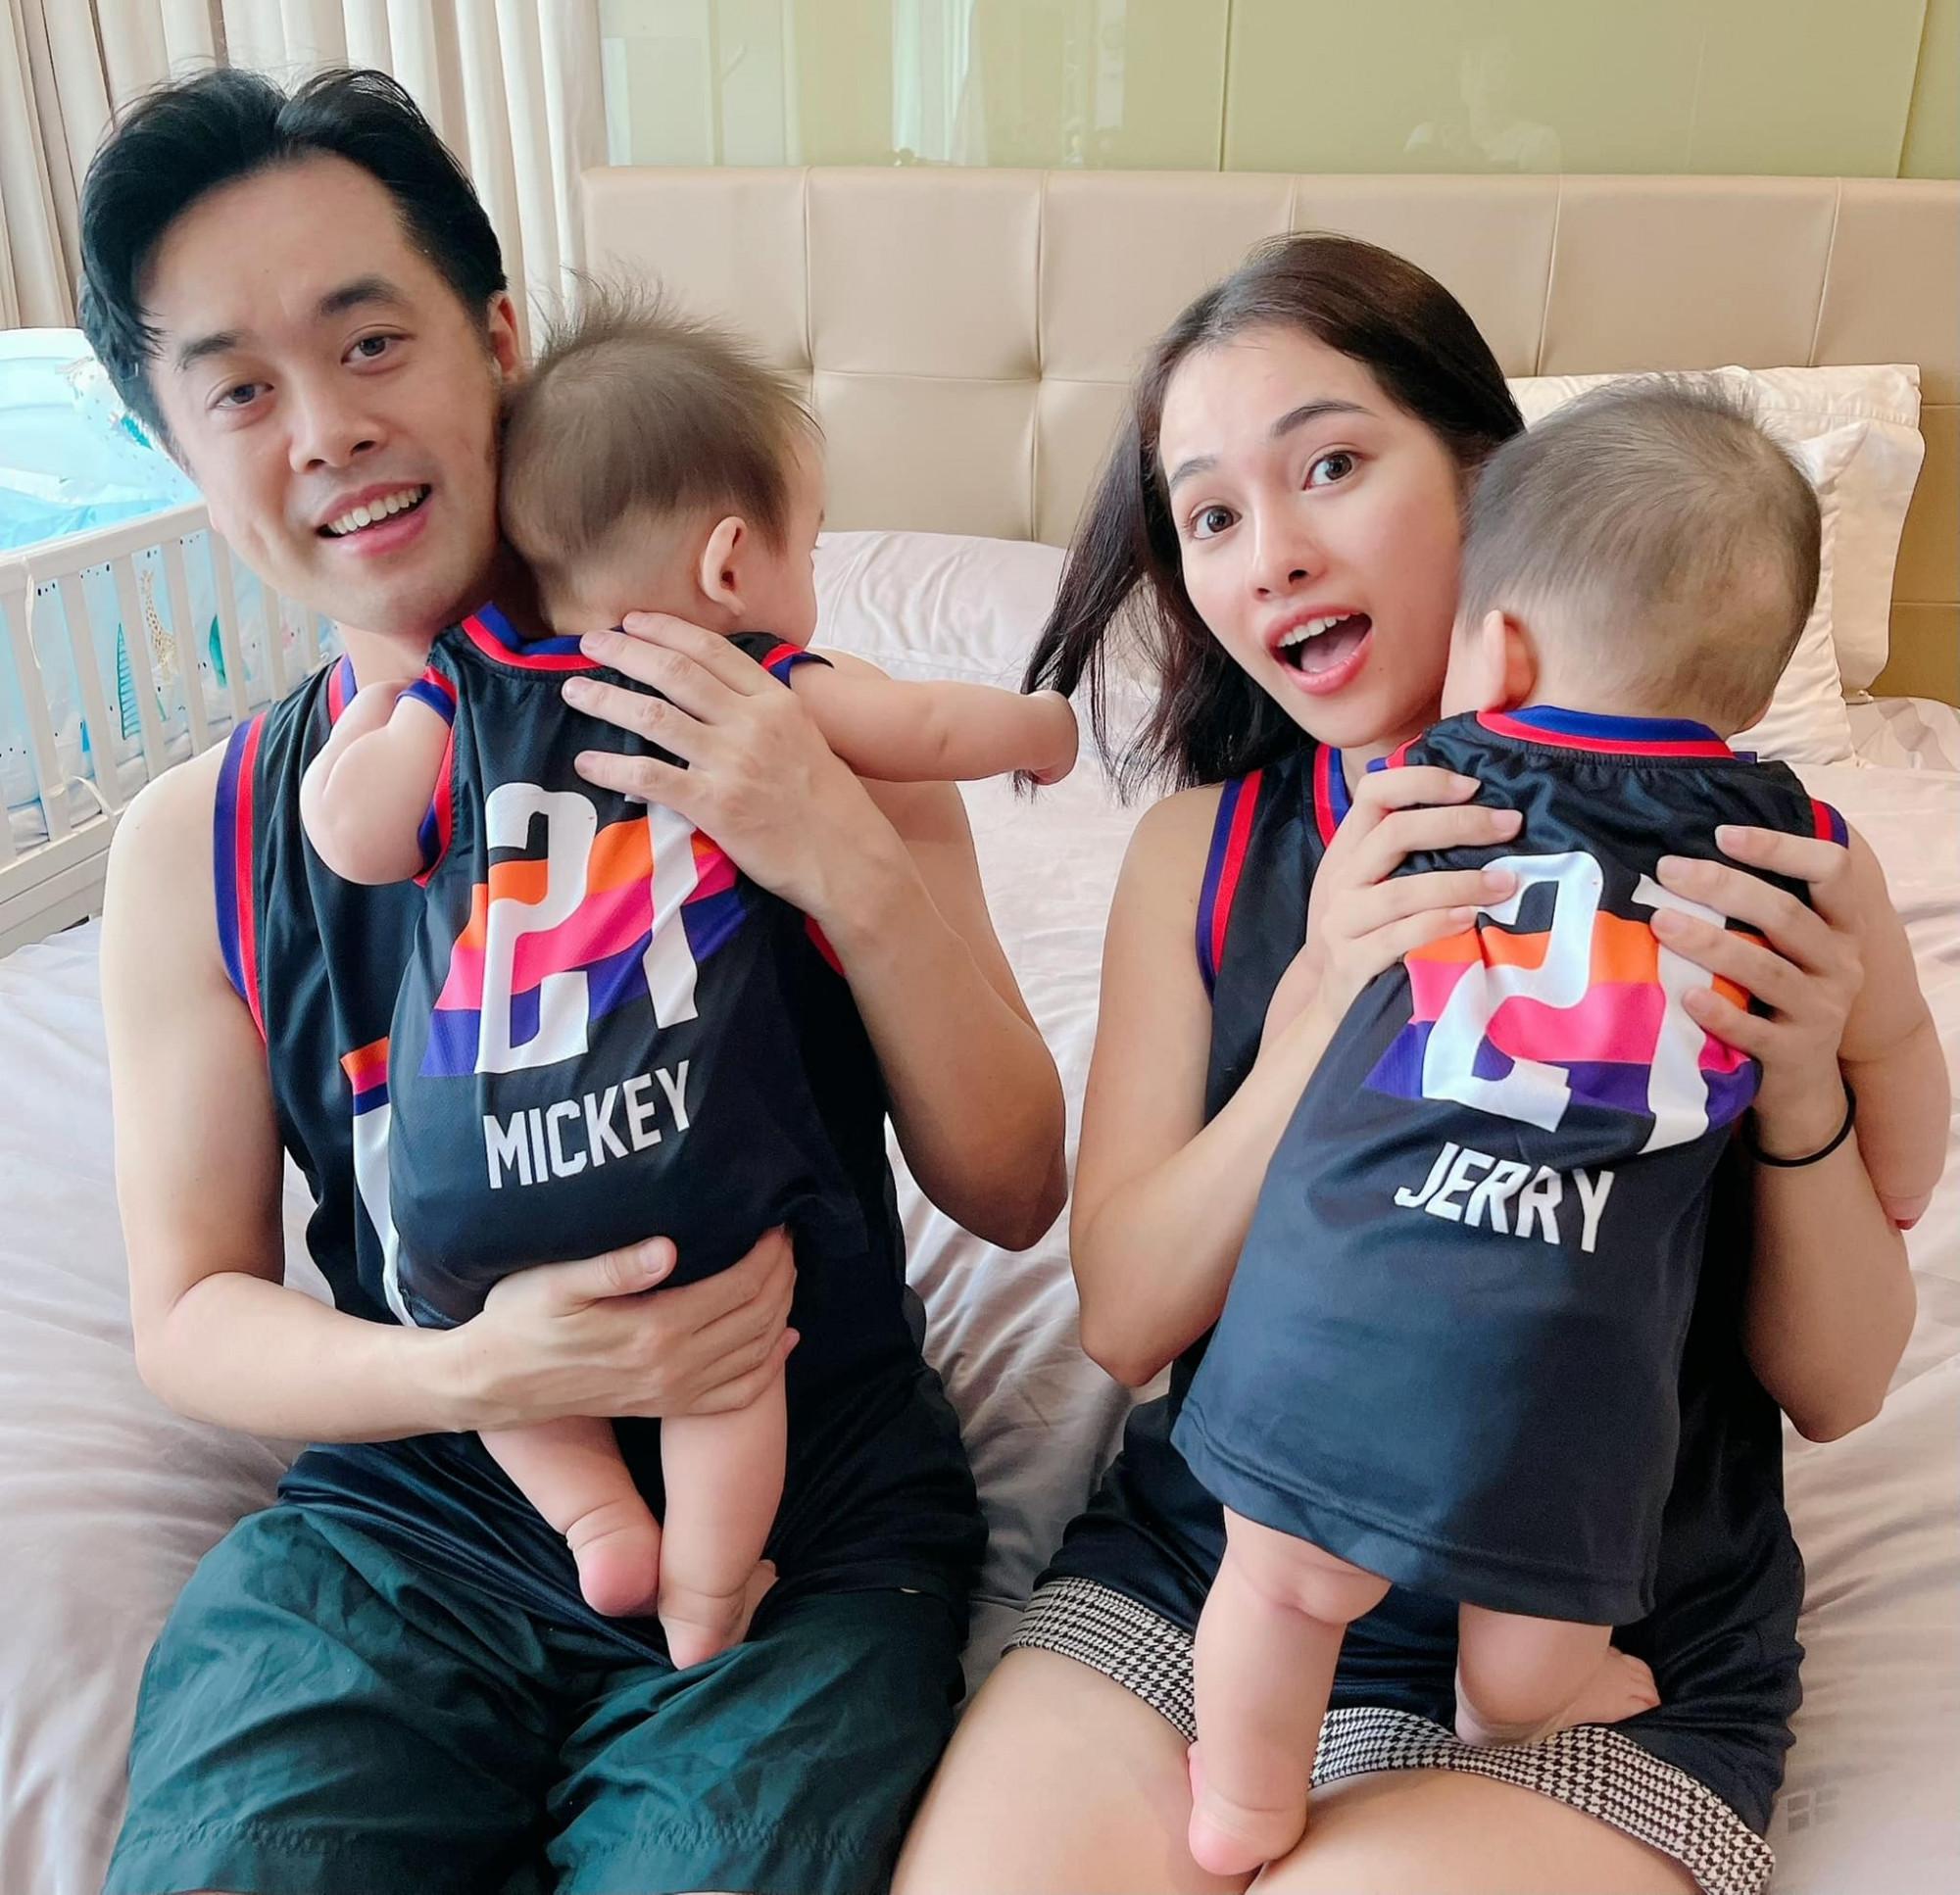 Cả gia đình mặc đồ giống nhau chụp ảnh kỷ niệm tại gia trong những ngày giãn cách xã hội